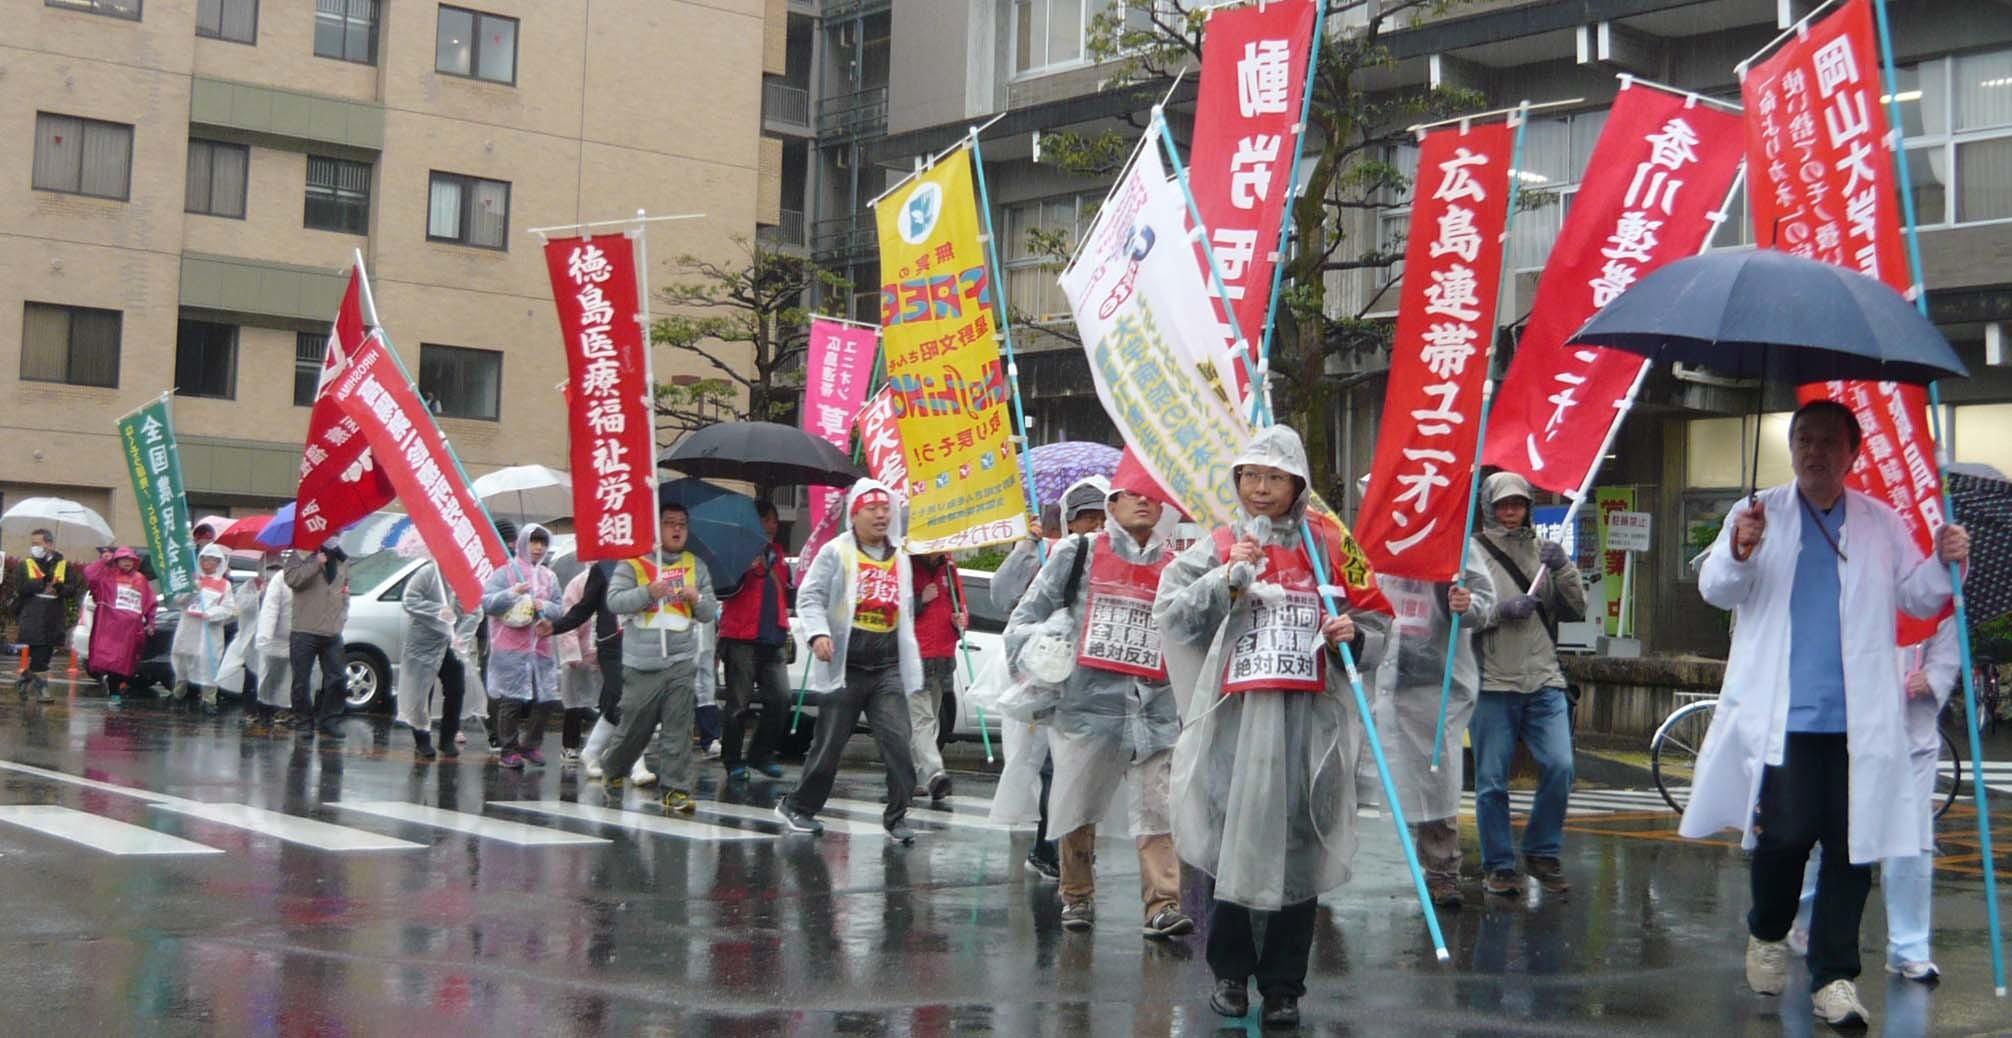 3月31日、岡山大学医学部職員組合の仲間が、「岡山大学メディカルセンター構想白紙撤回!」「2018年3月非正規職一斉解雇・強制出向絶対反対!」を掲げ、学内集会とデモ行進をやりました。_d0155415_16393453.jpg